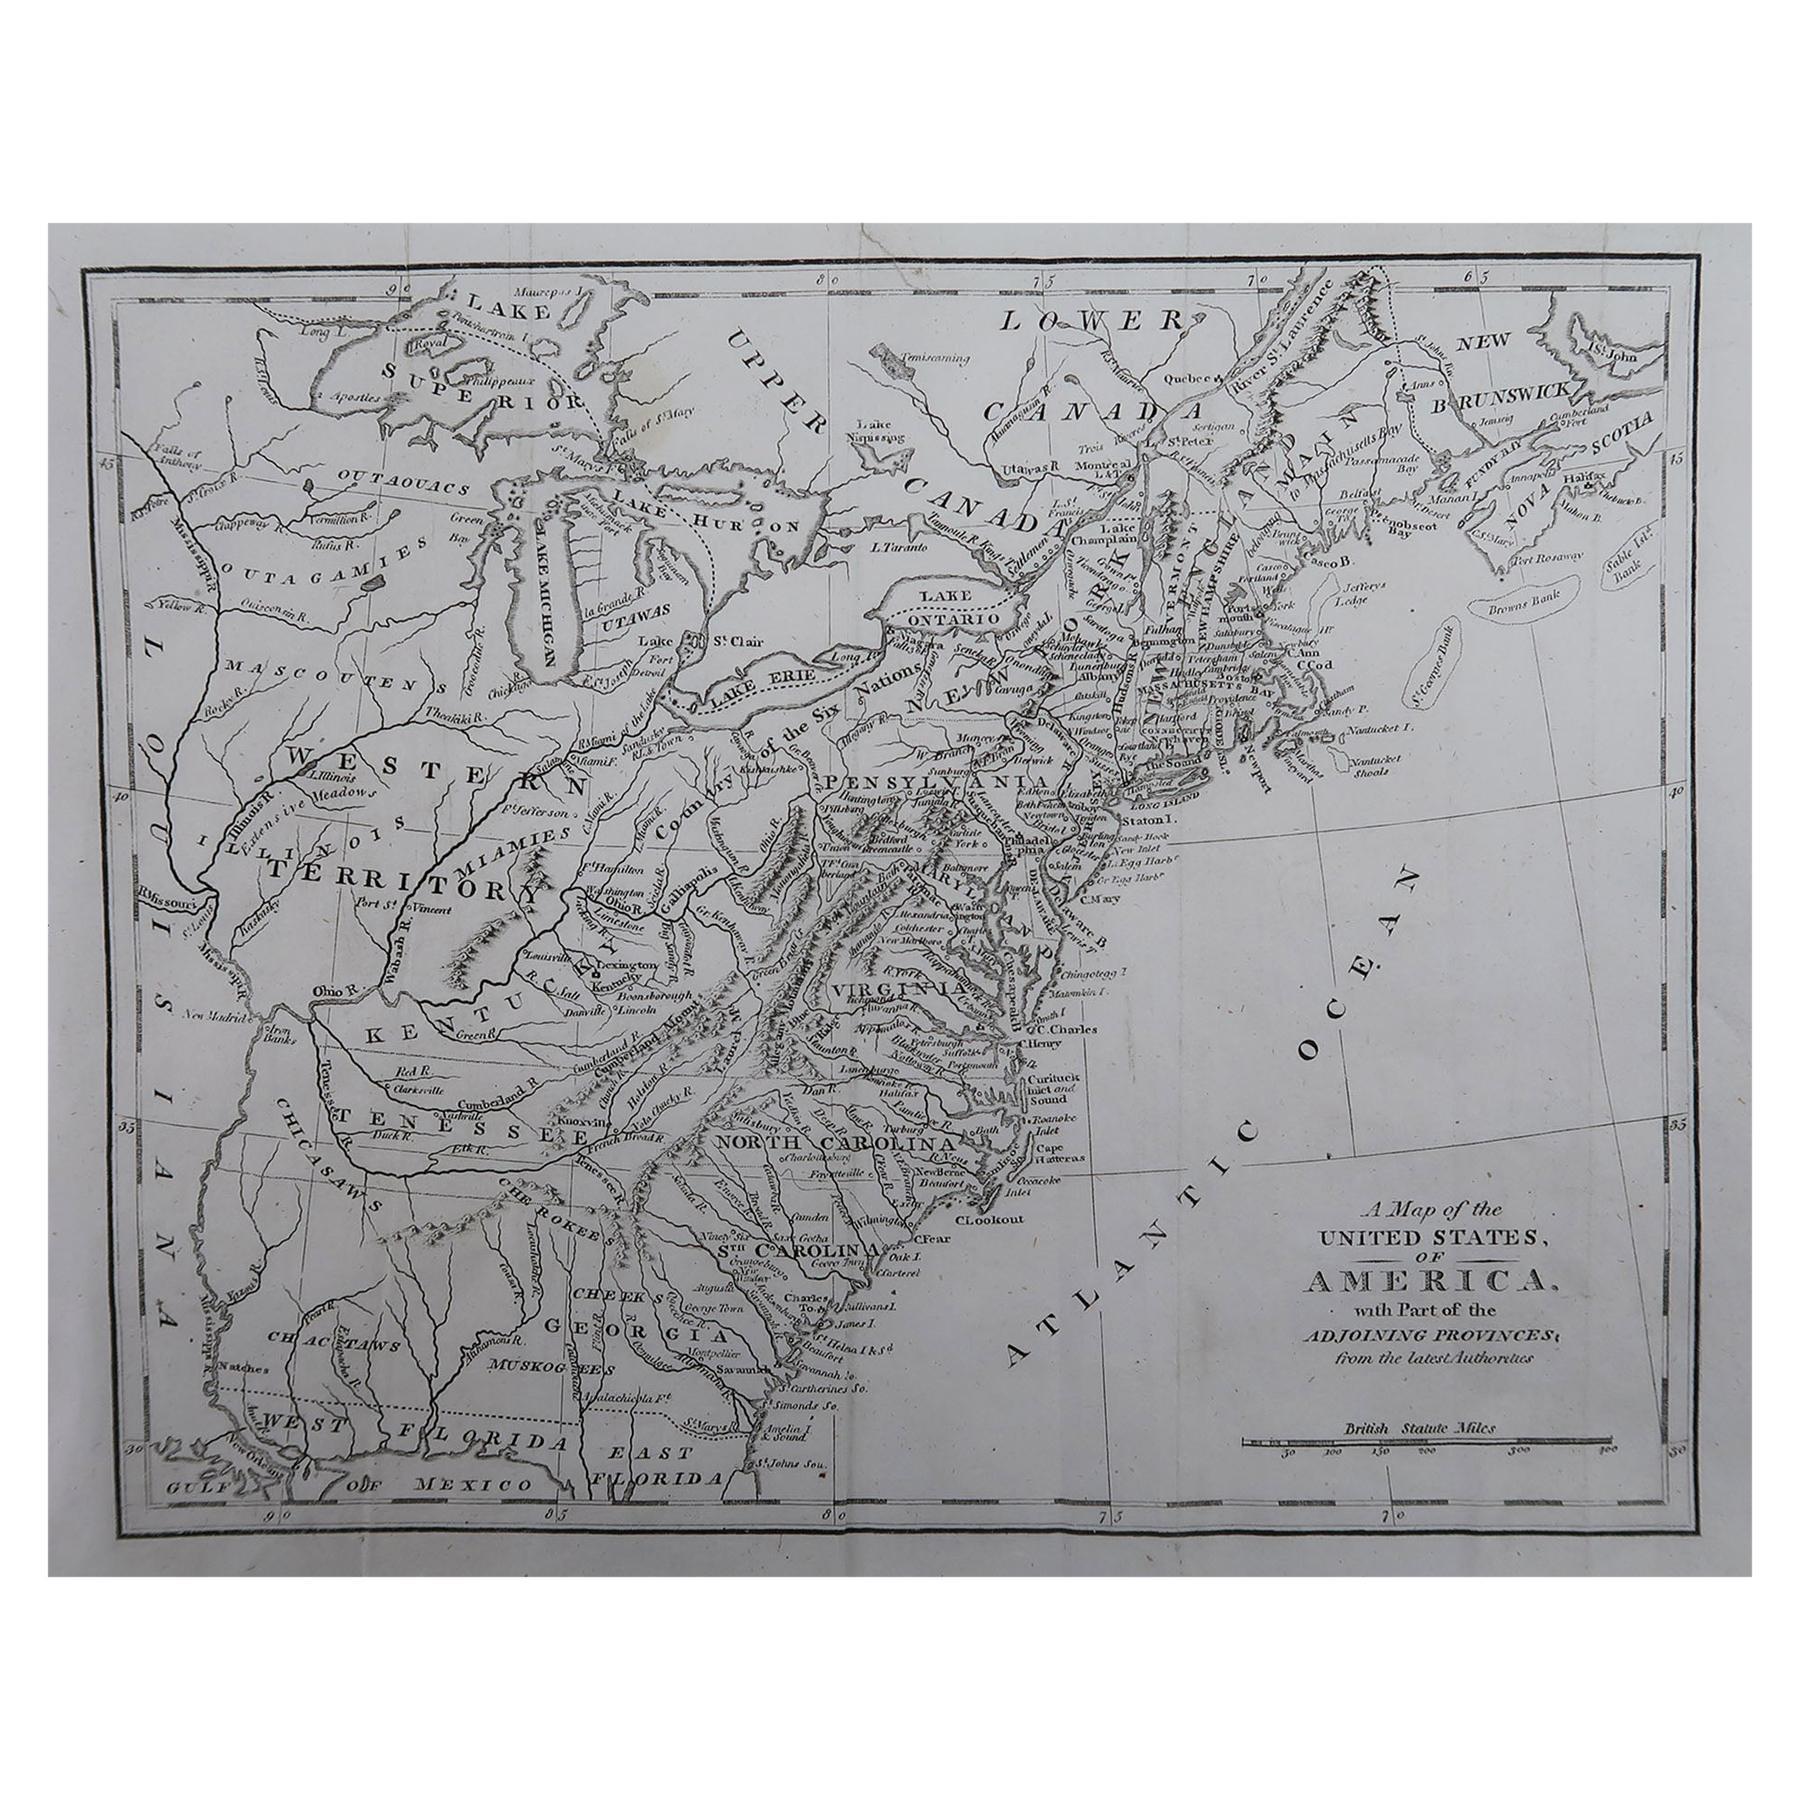 Original Antique Map of The United States of America, circa 1800